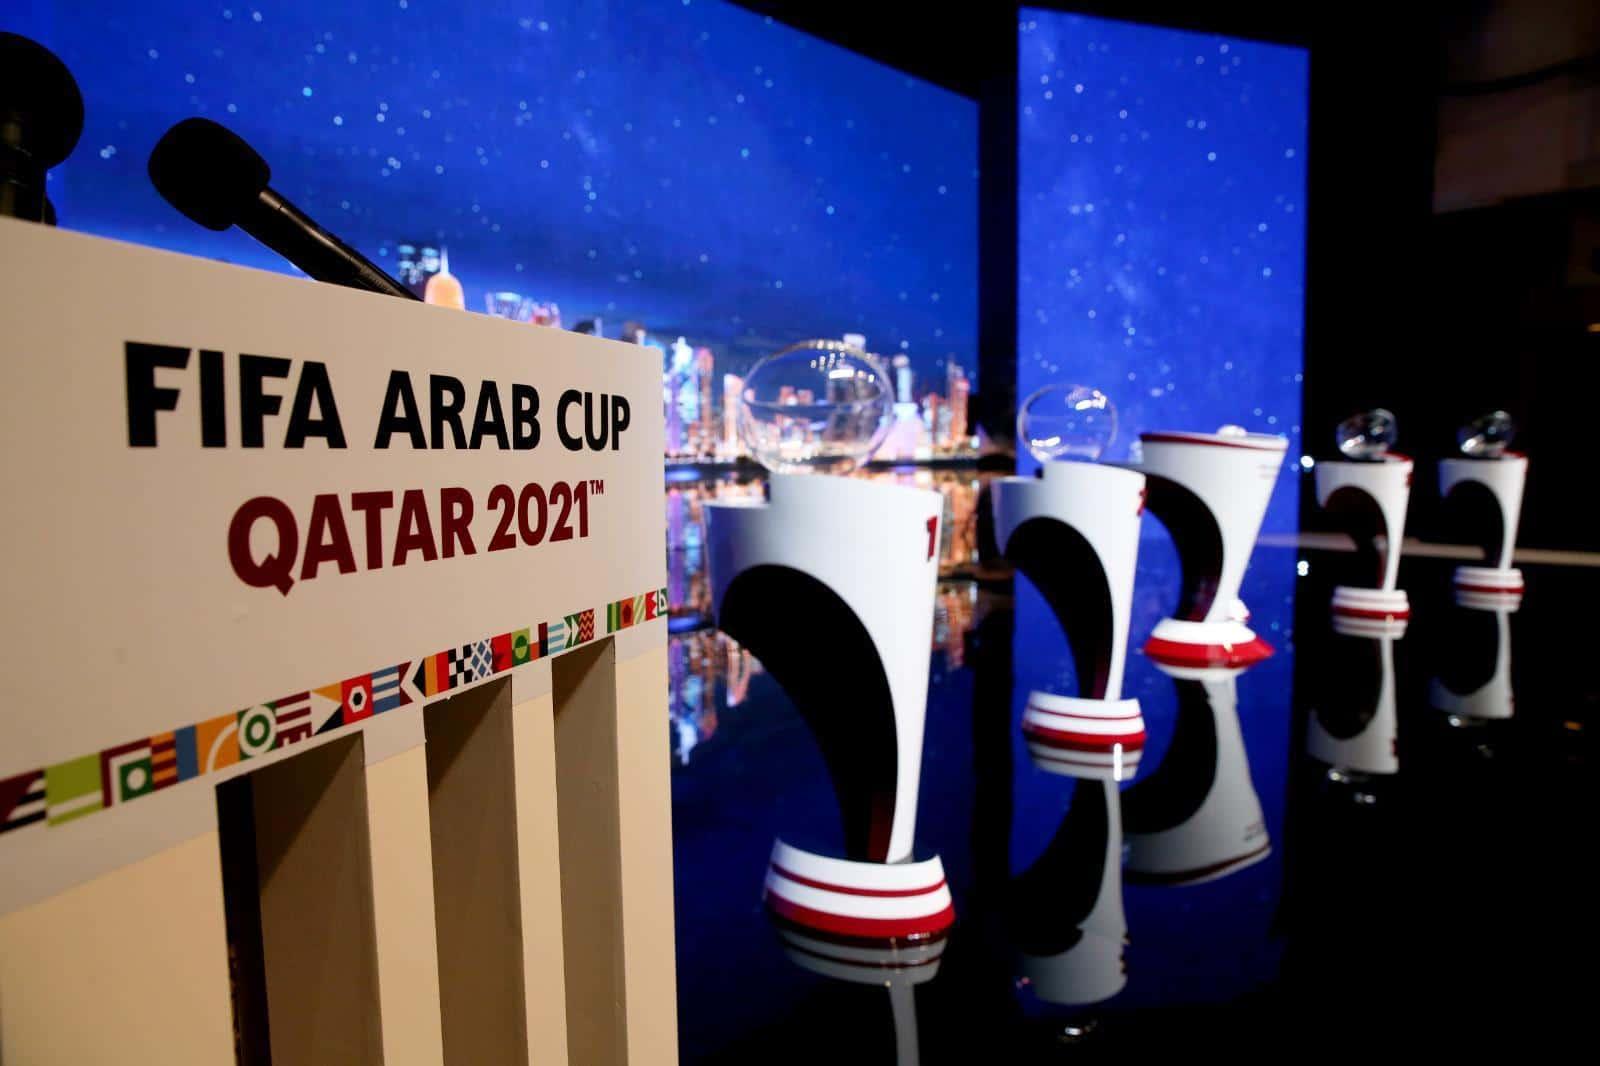 شاهد قرعة كأس العرب 2021 للمنتخبات في قطر .. الدوحة جمعت العرب